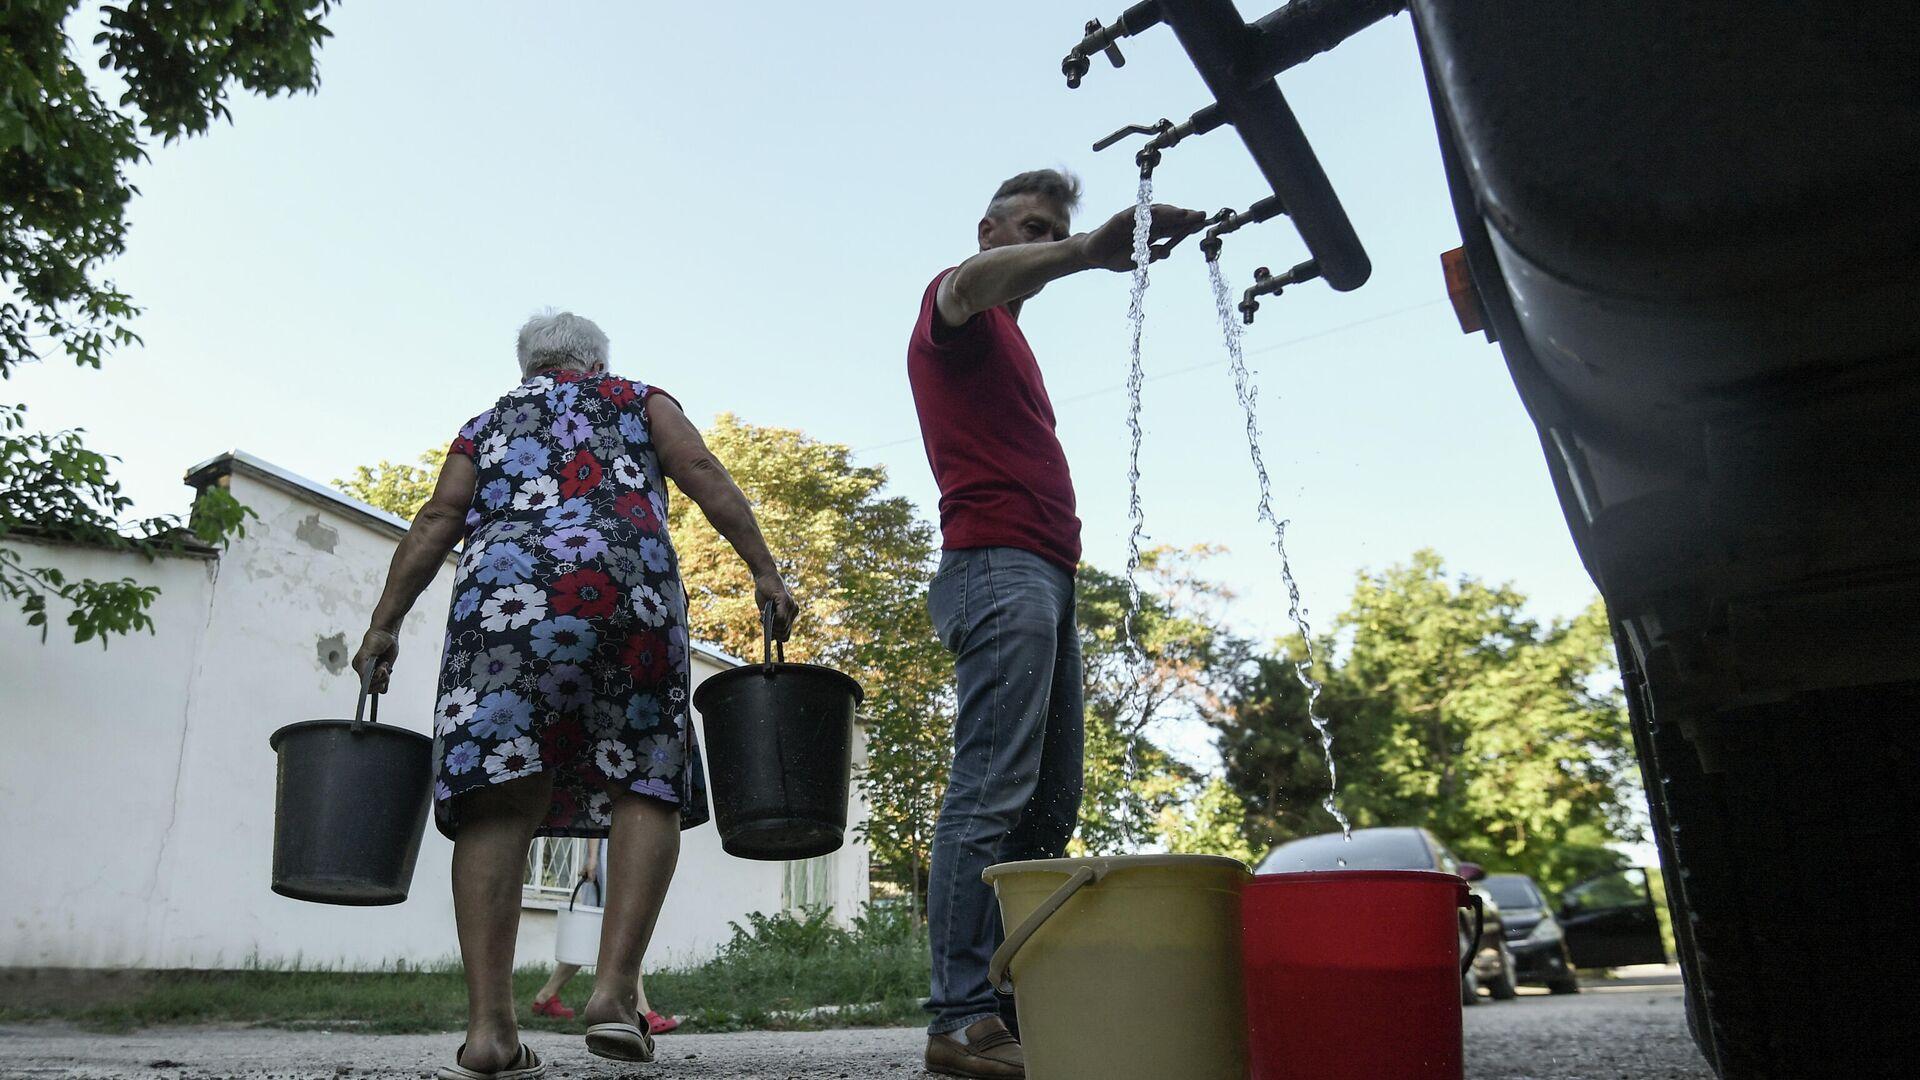 Жители Cимферополя набирают в емкости питьевую воду, привезенную в цистернах - РИА Новости, 1920, 07.09.2020